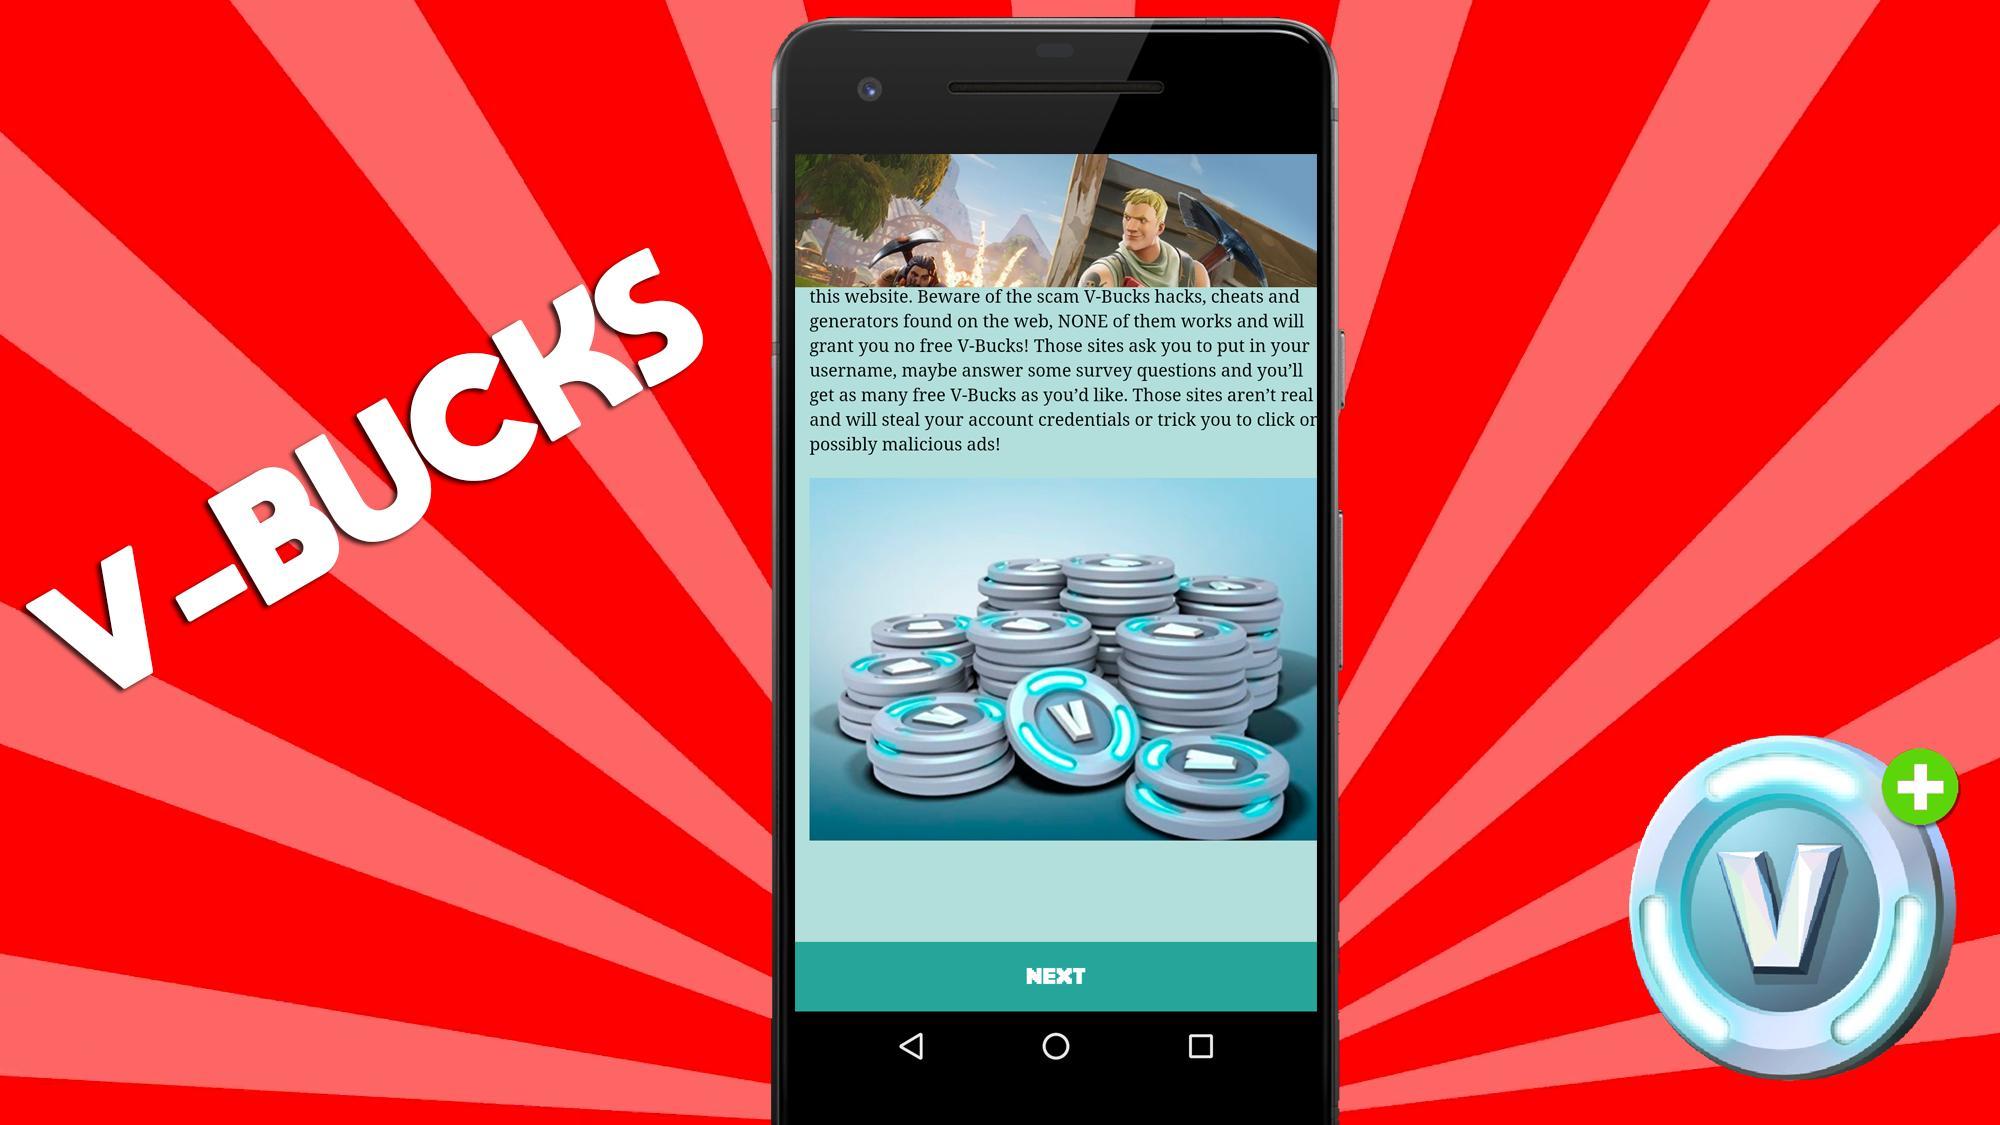 How To Get Free V Bucks With A Website | V Bucks Hack No